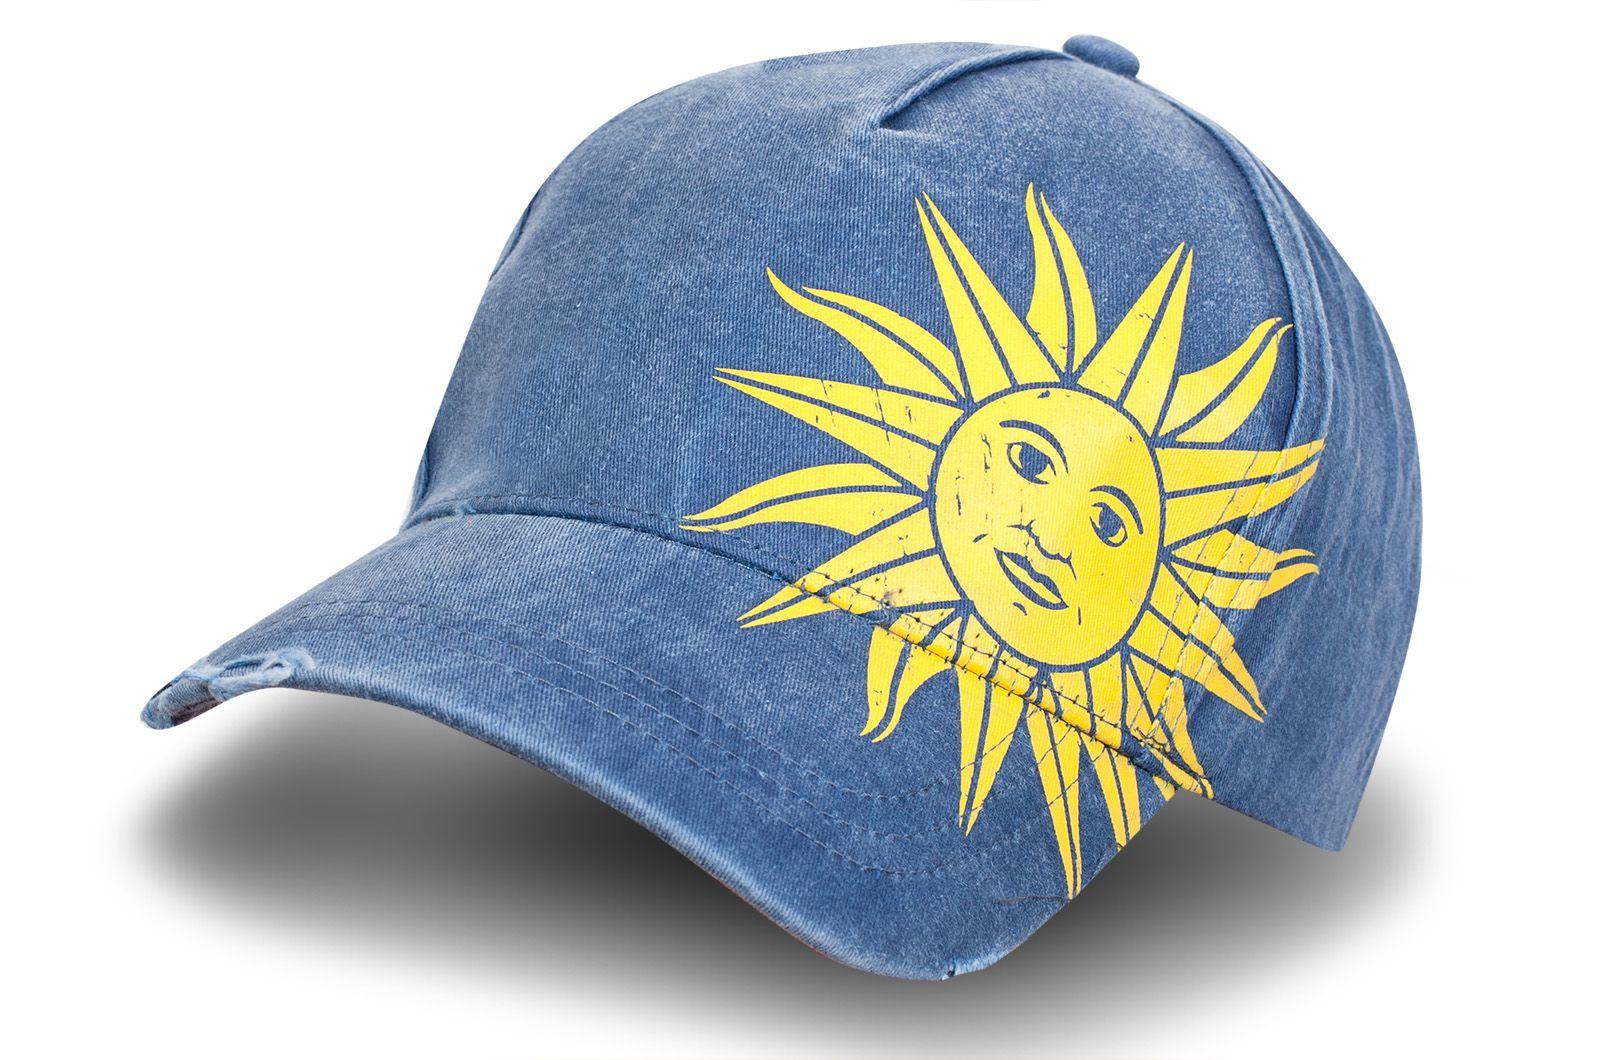 """Джинсовая бейсболка """"Солнце"""" - купить по специальной цене"""